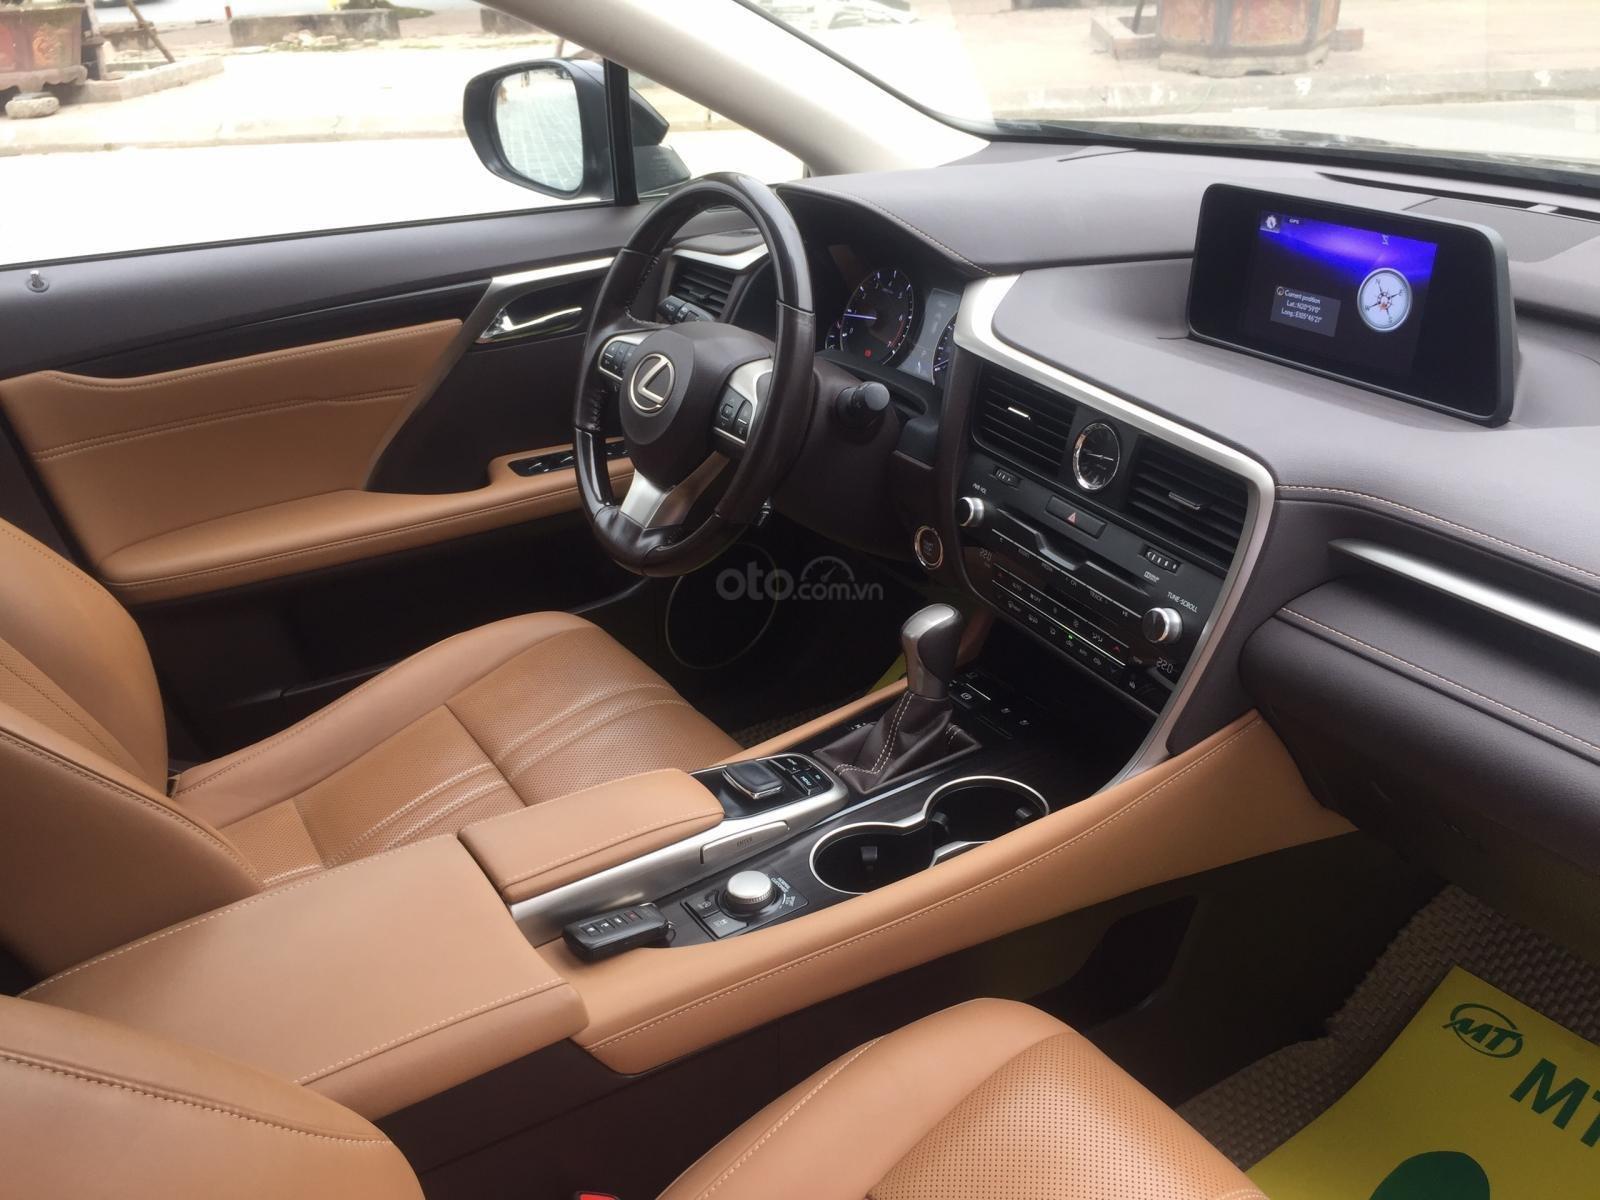 Bán Lexus Rx 200t sản xuất năm 2016, màu đen, xe nhập chính hãng, Lh em Hương 0945392468-5